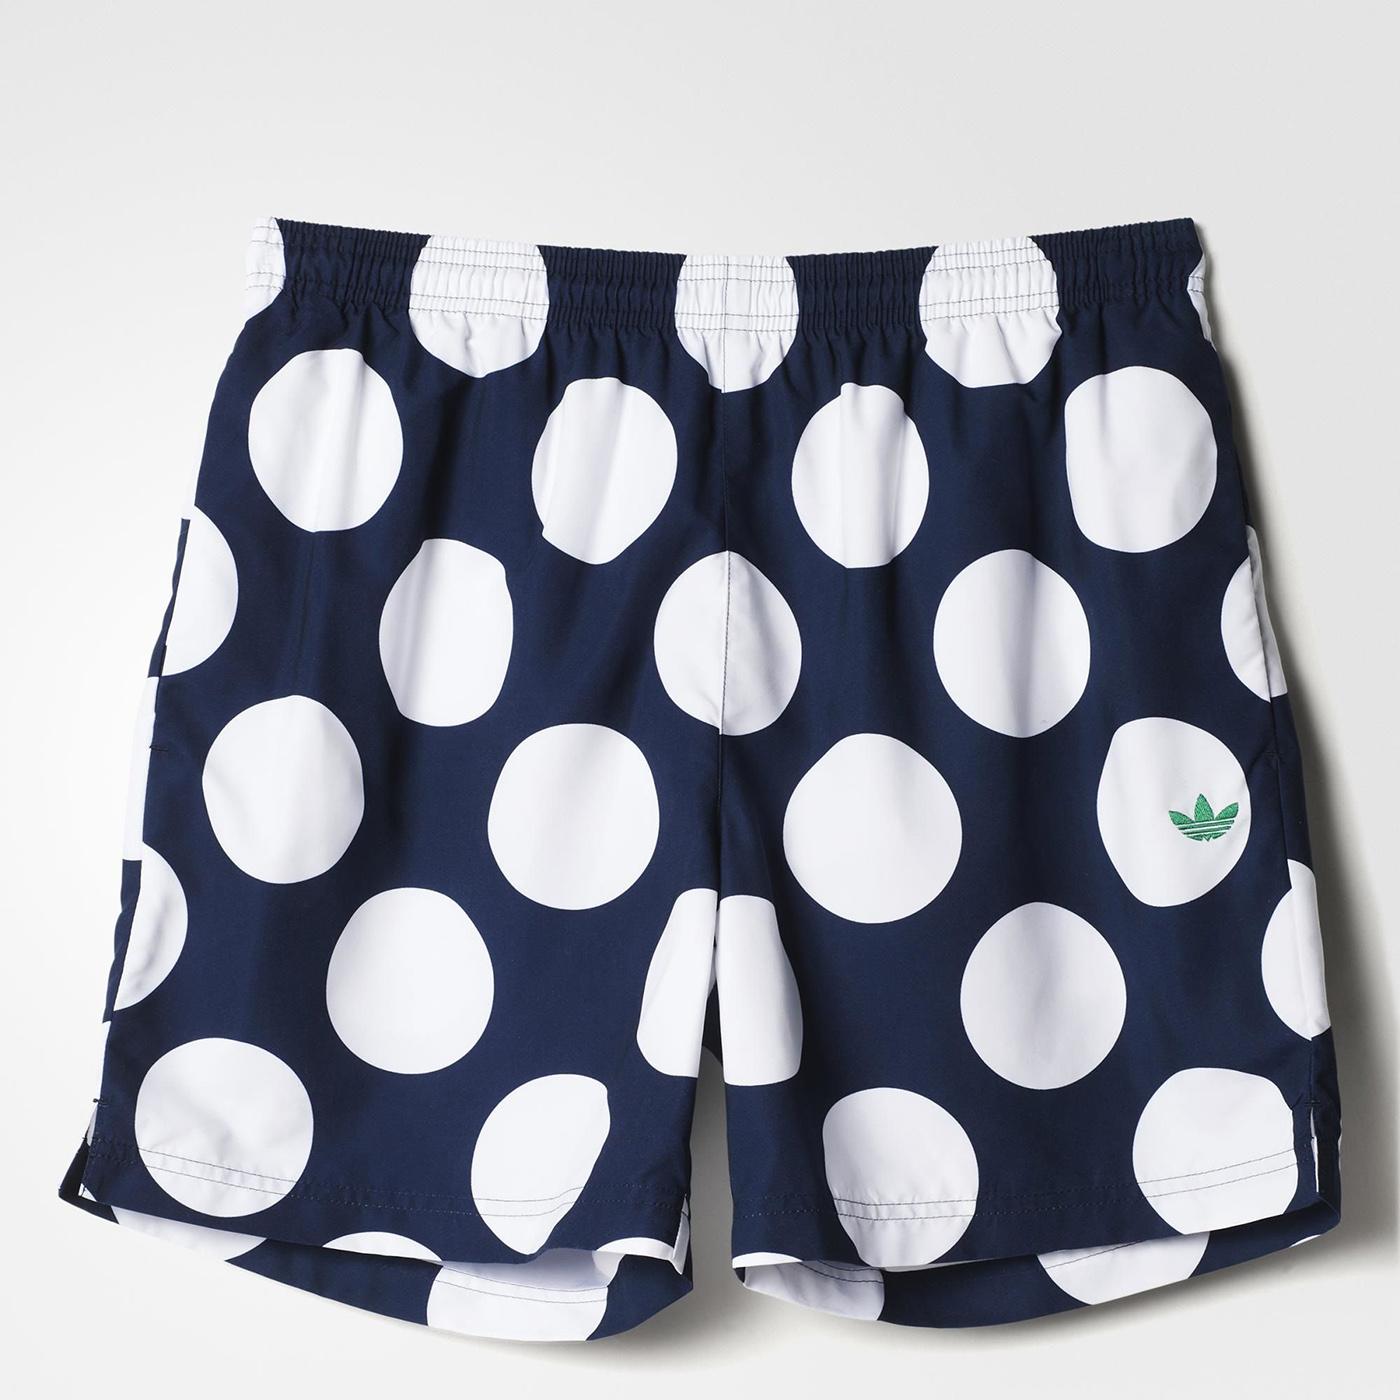 美國百分百【全新真品】adidas 短褲 愛迪達 休閒褲 運動褲 潮流 街頭 普普風 點點 深藍 白 M號 F661